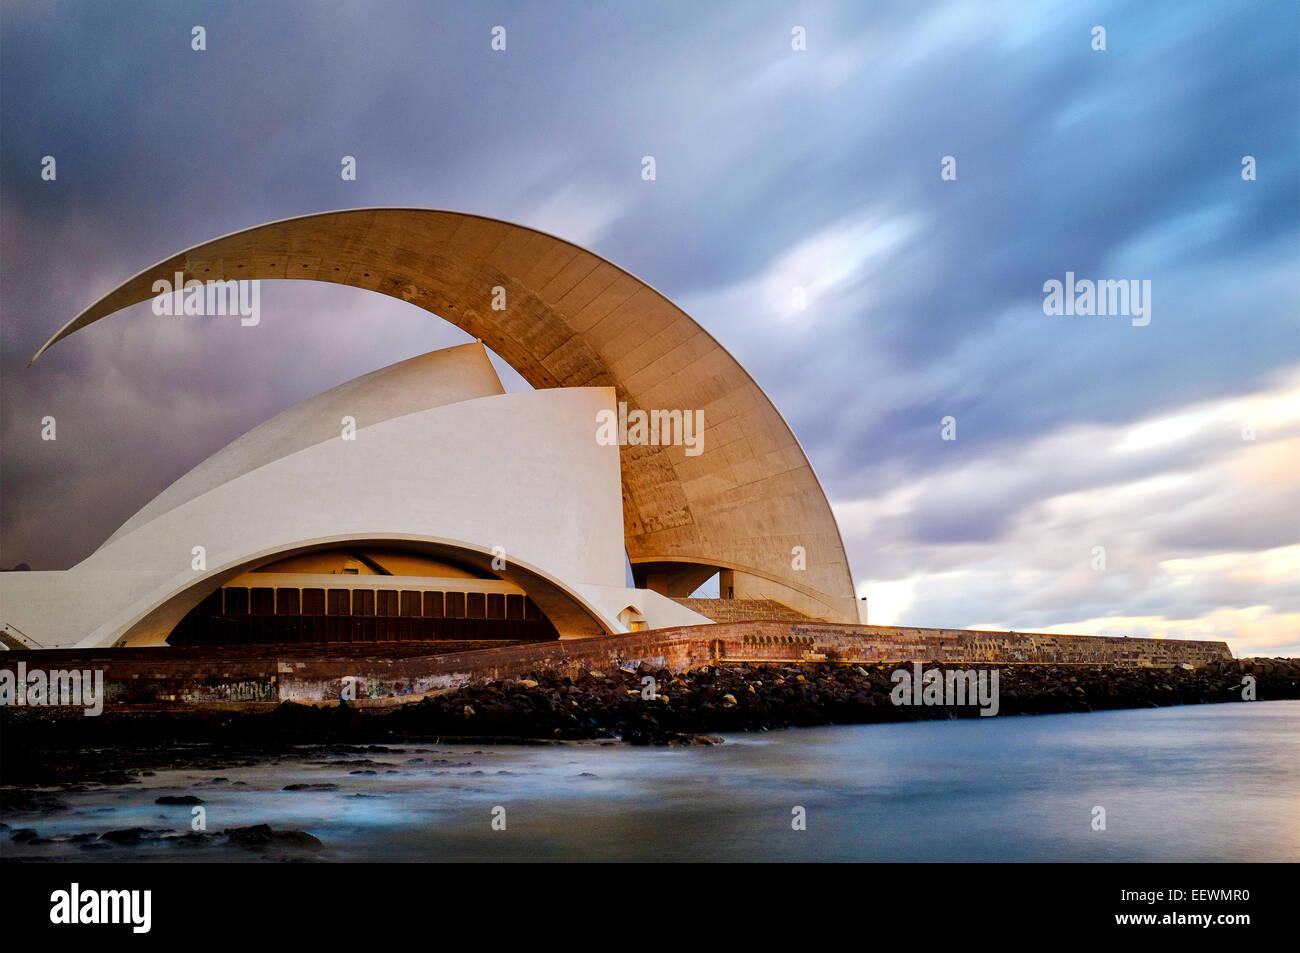 El Auditorio de Tenerife, Santa Cruz de Tenerife, Islas Canarias, España Imagen De Stock